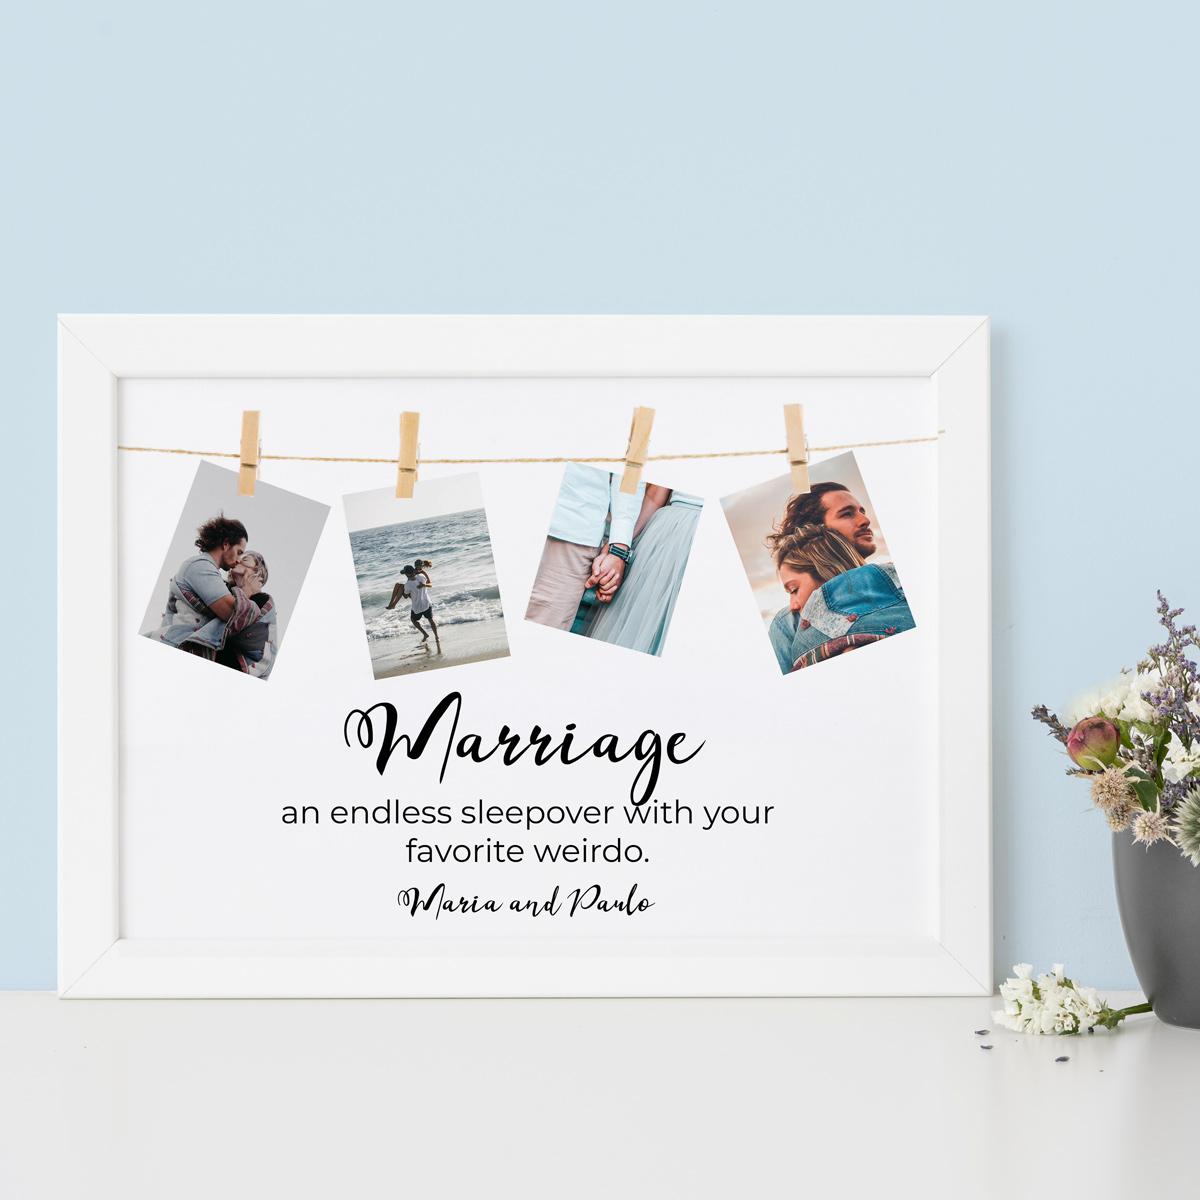 Huwelijkscadeau Poster met fotoslinger en tekst